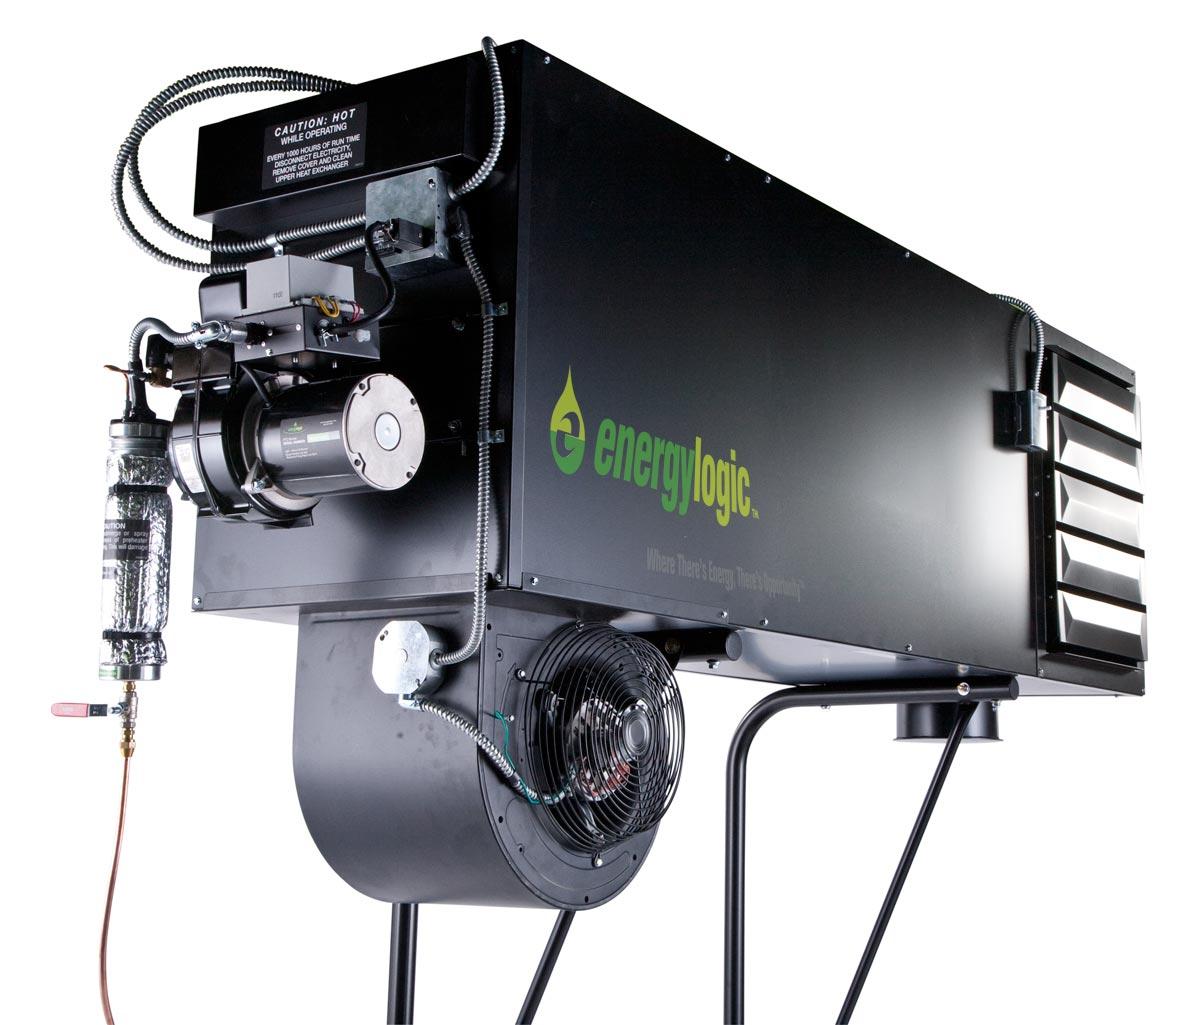 EnergyLogic-340000-BTU-Waste-Oil-Heater.jpg